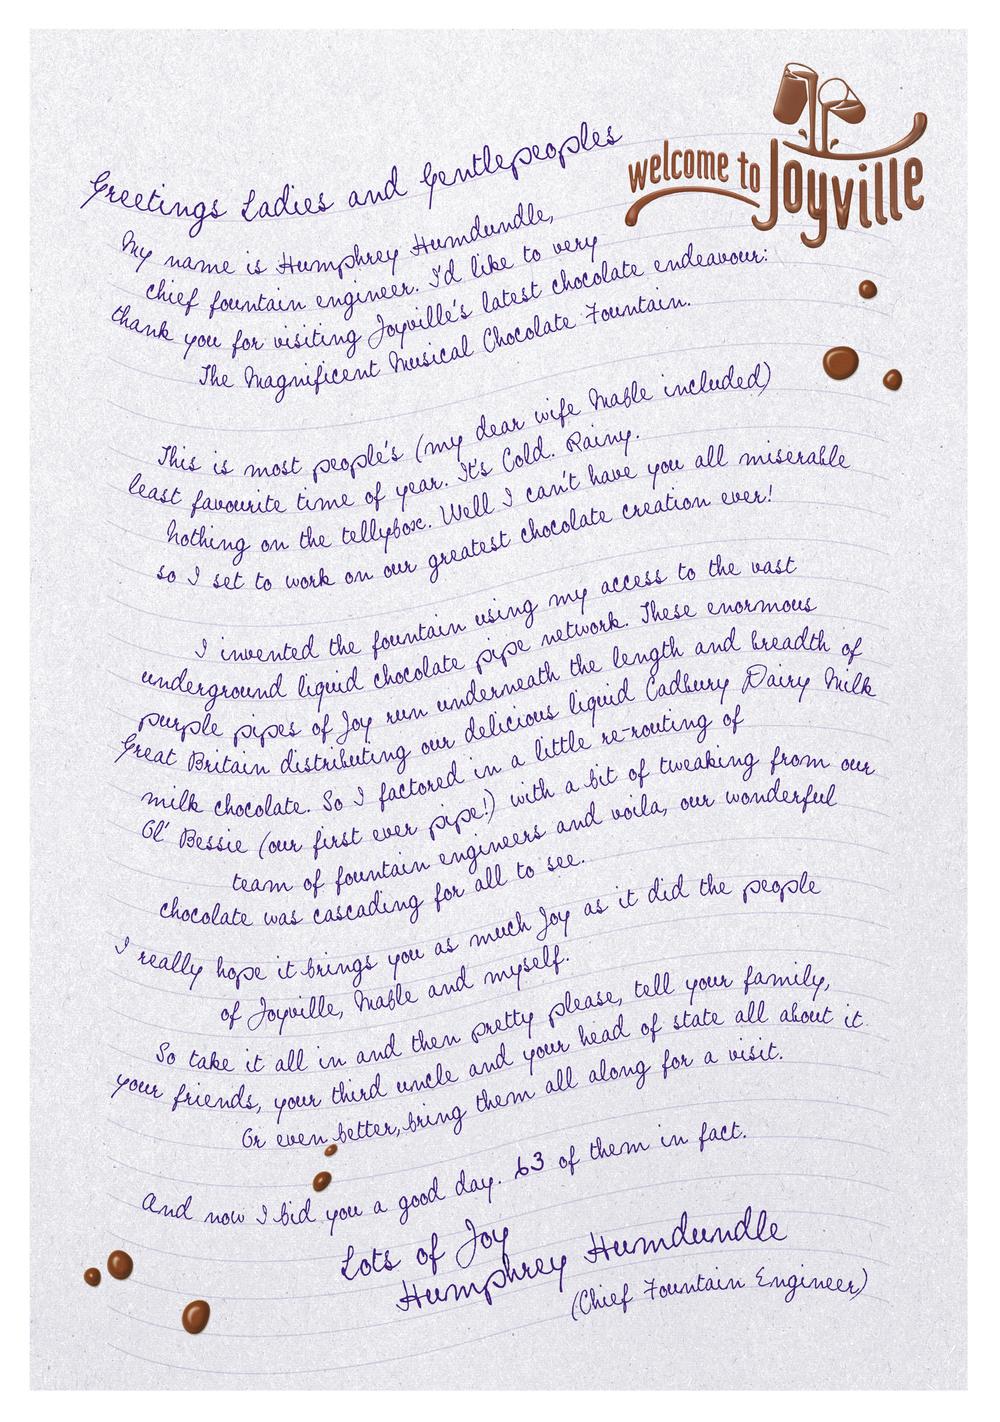 Joyville letter